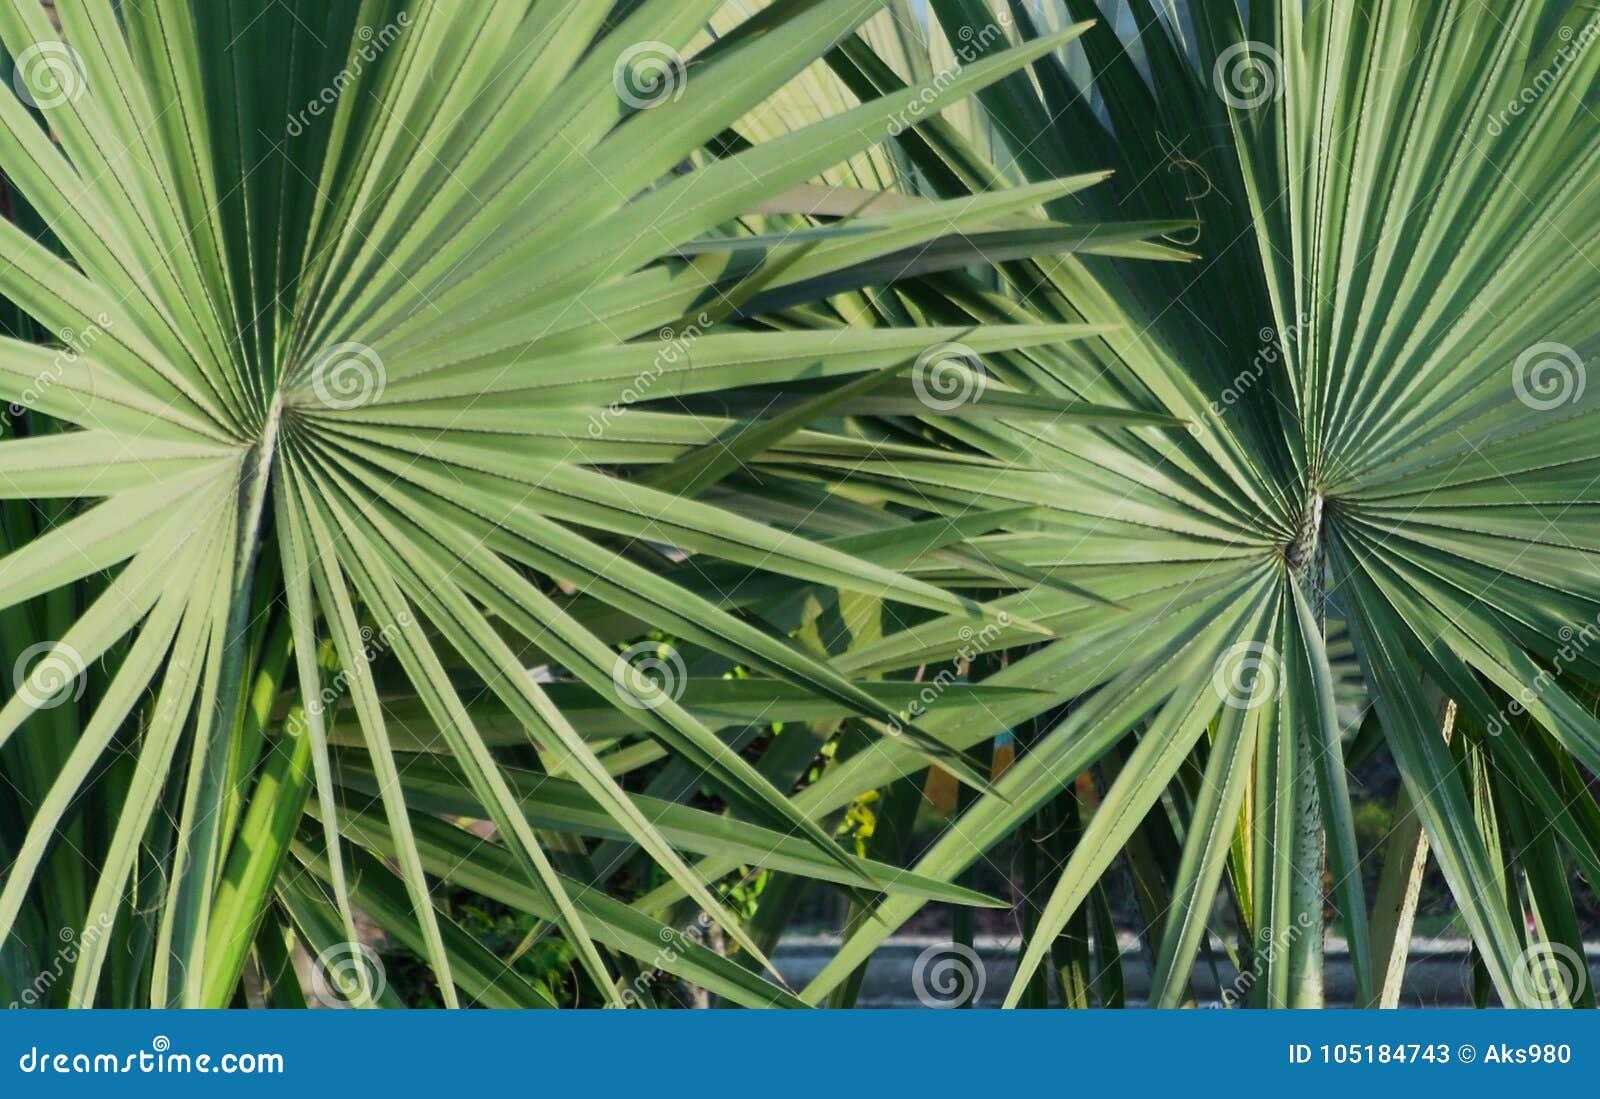 Close-up van paar van achtergrond van het de textuurpatroon van het palmettoblad de abstracte